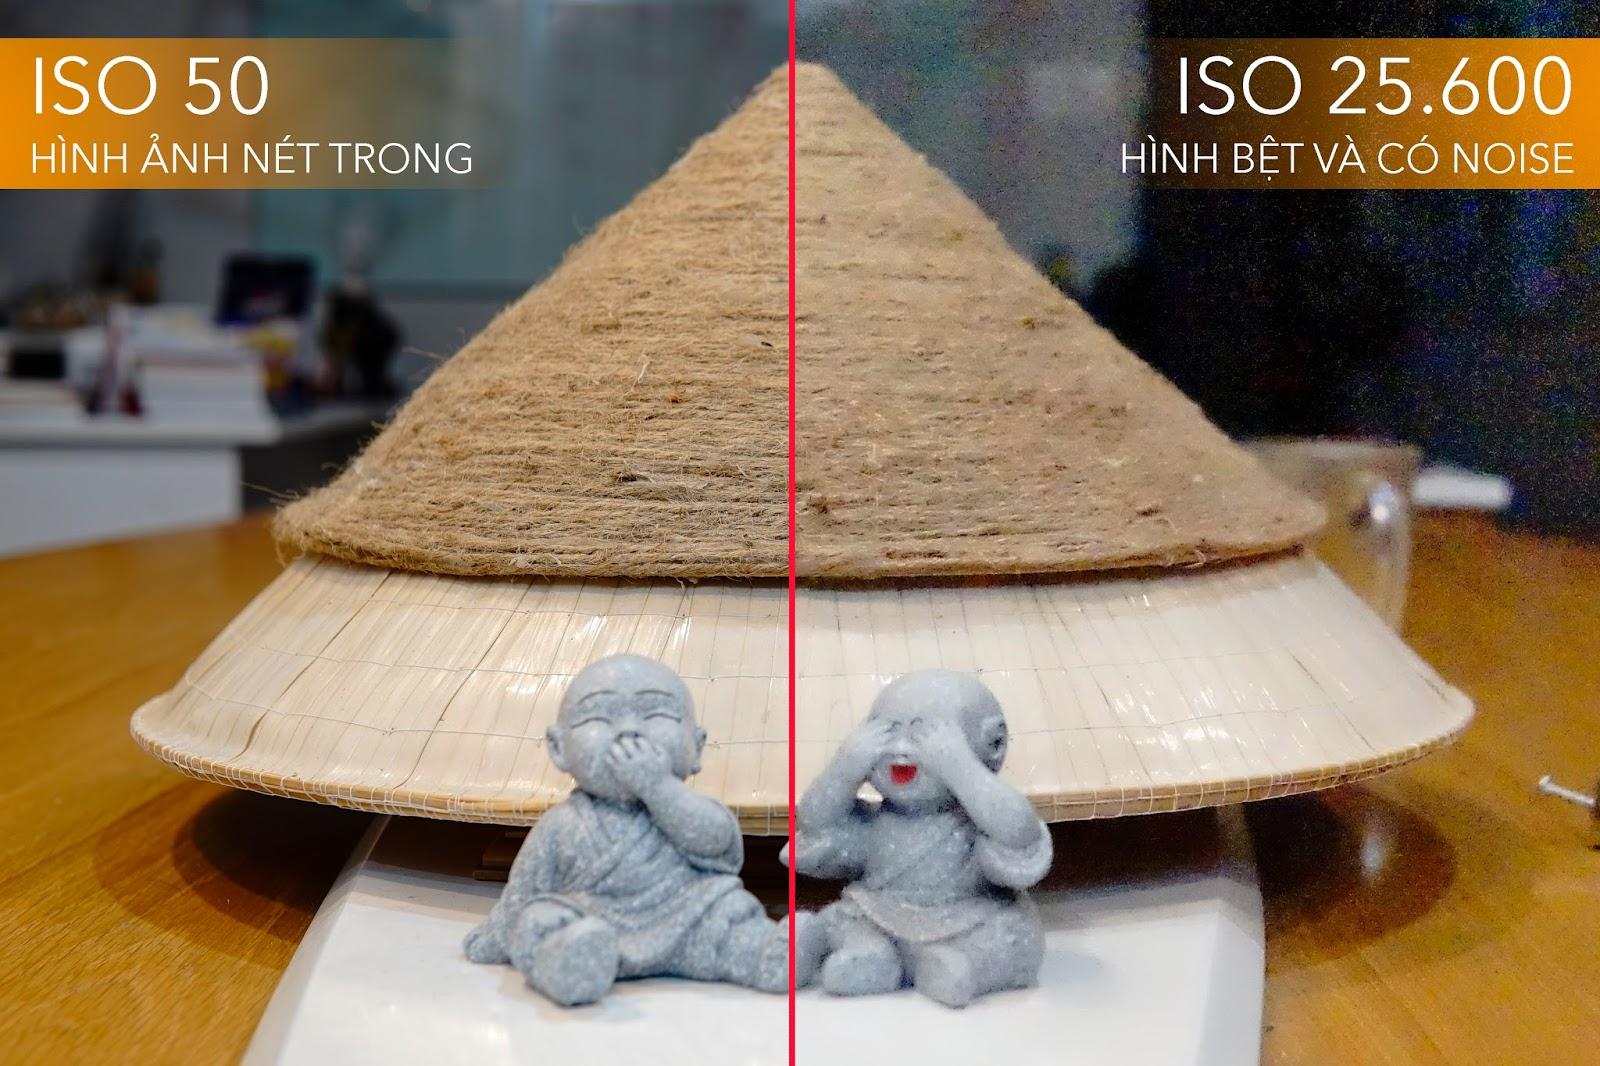 ISO là gì